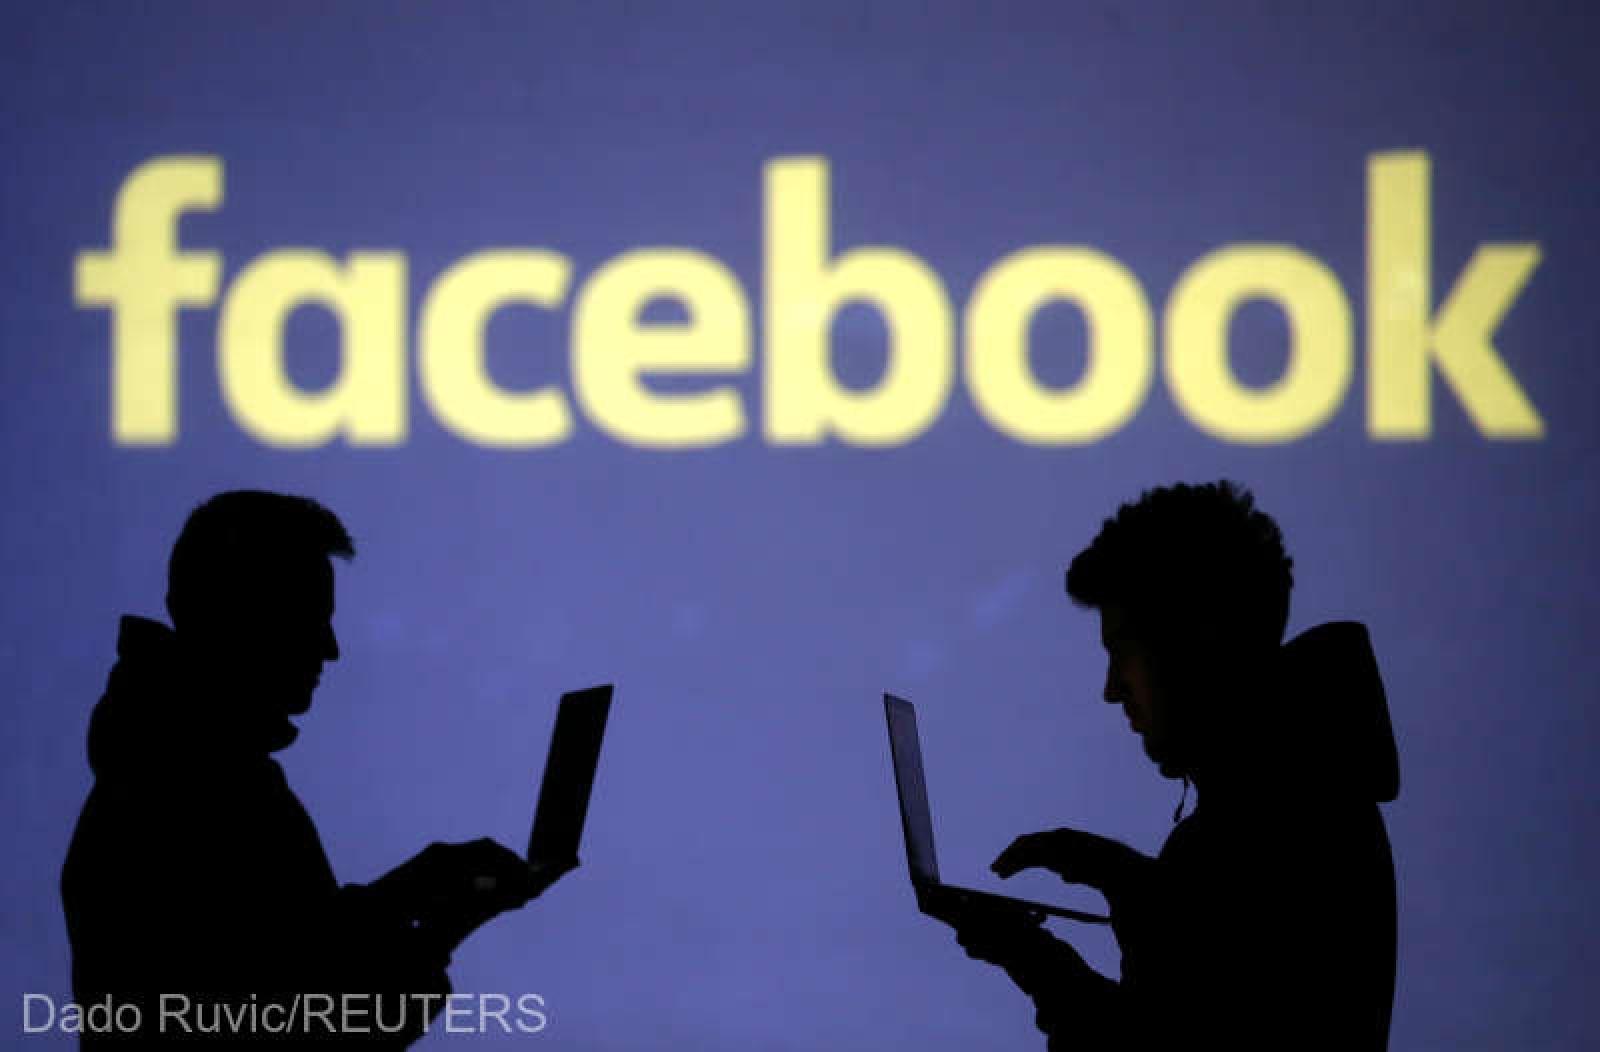 Managerii Facebook ştiau riscurile presupuse de conectarea la reţea şi de expunerea de date personale, arată o notă internă